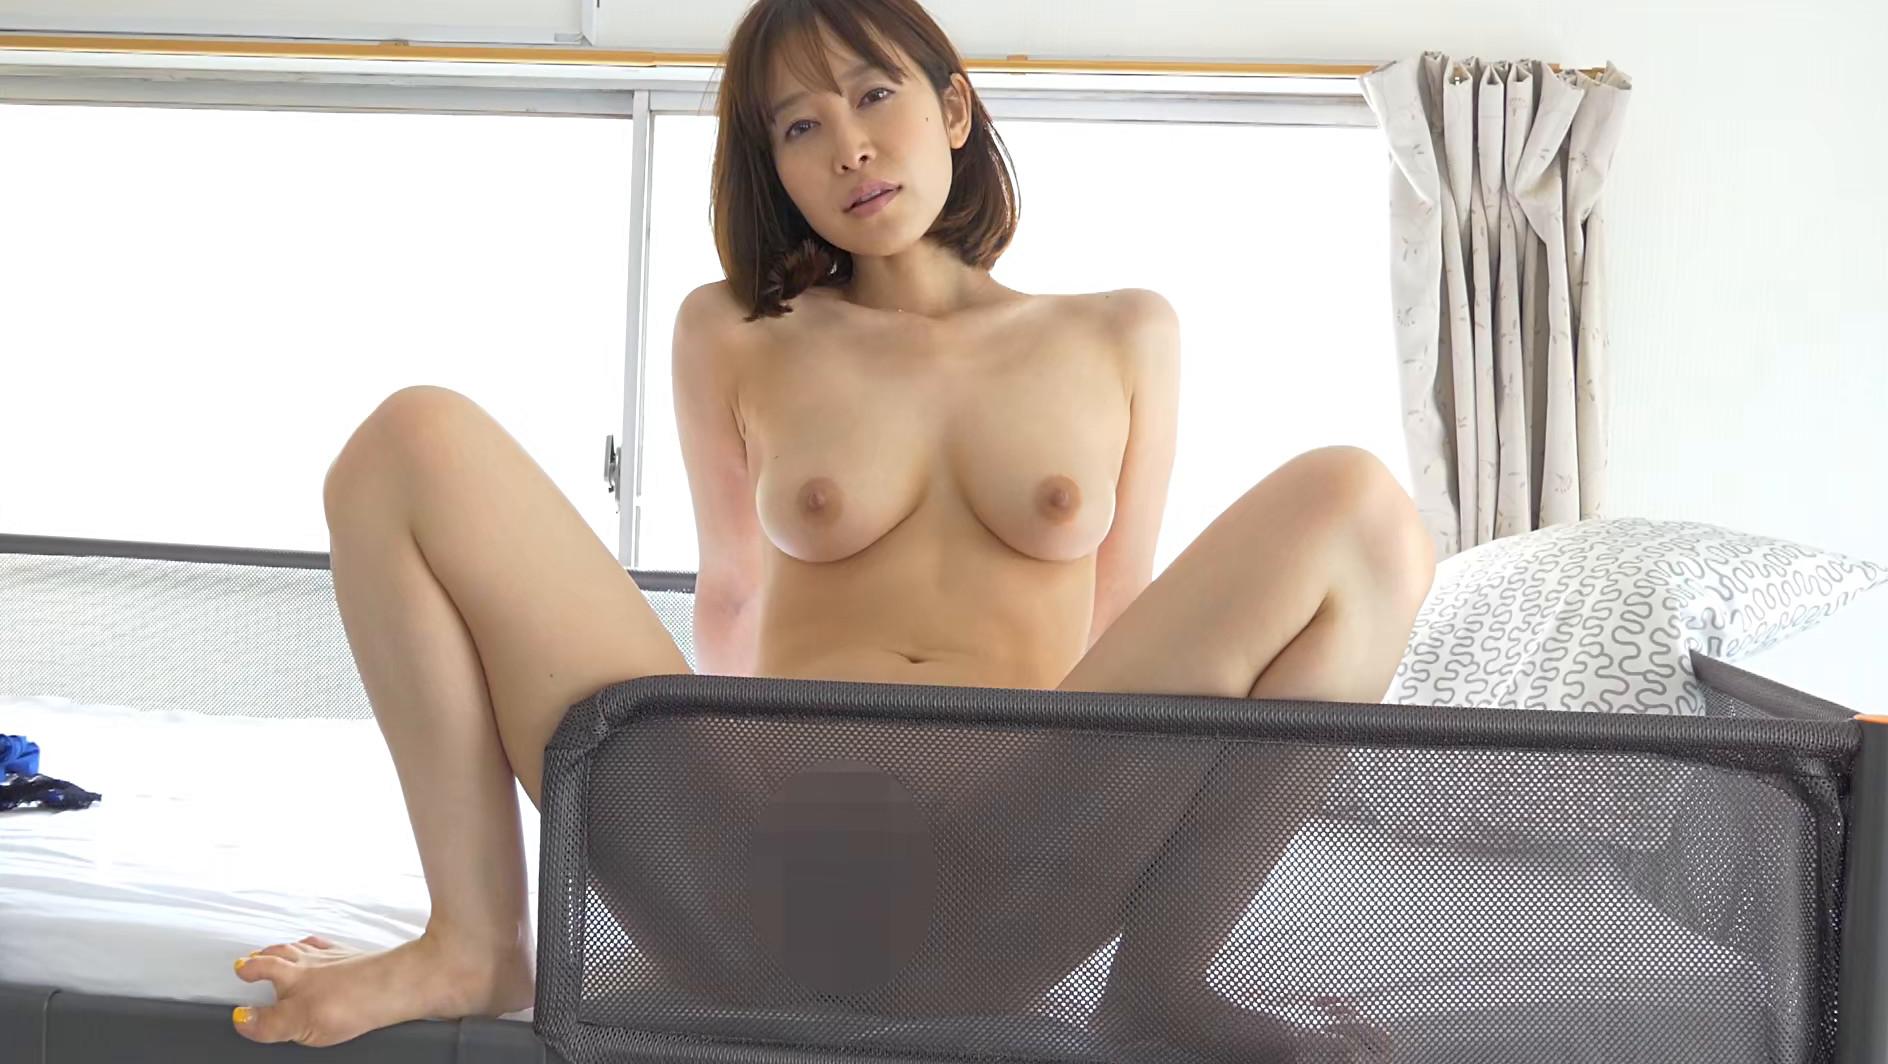 ヘアーヌード~無修正・美巨乳Fカップ・美尻・セクシー女優~ 篠田ゆう 画像9